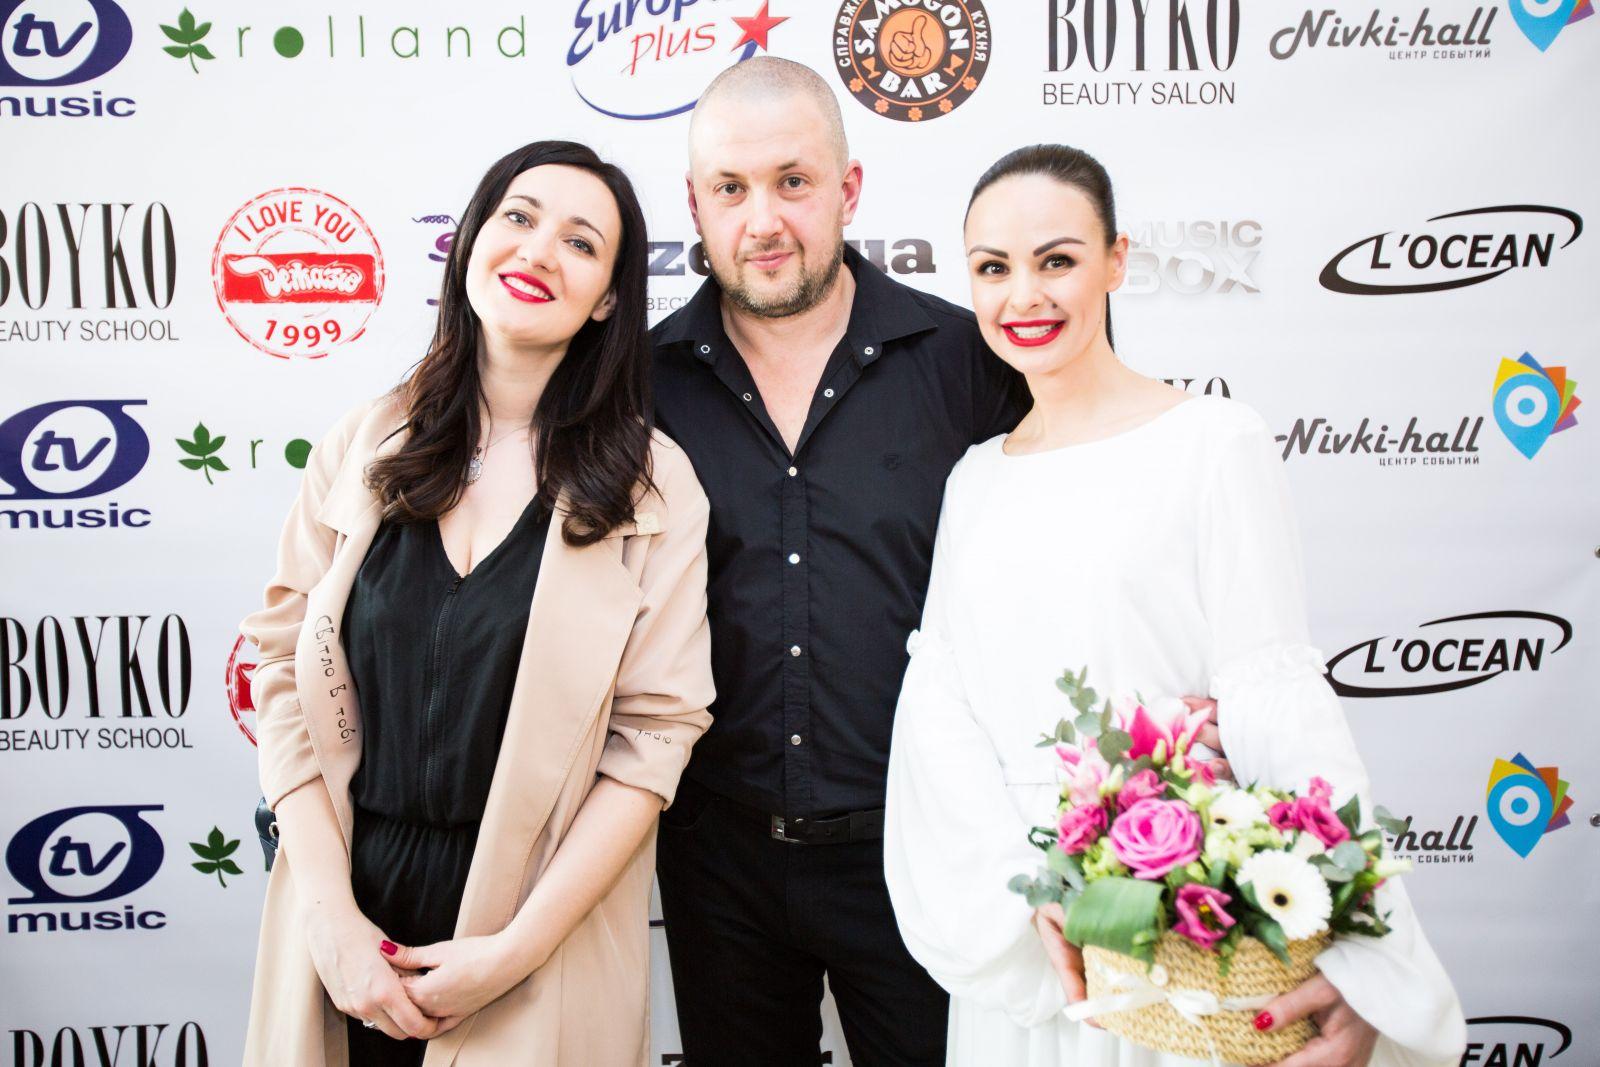 Соломия Витвицкая, Константин Бойко и Татьяна Бойко - автор и руководитель Boyko Beauty School